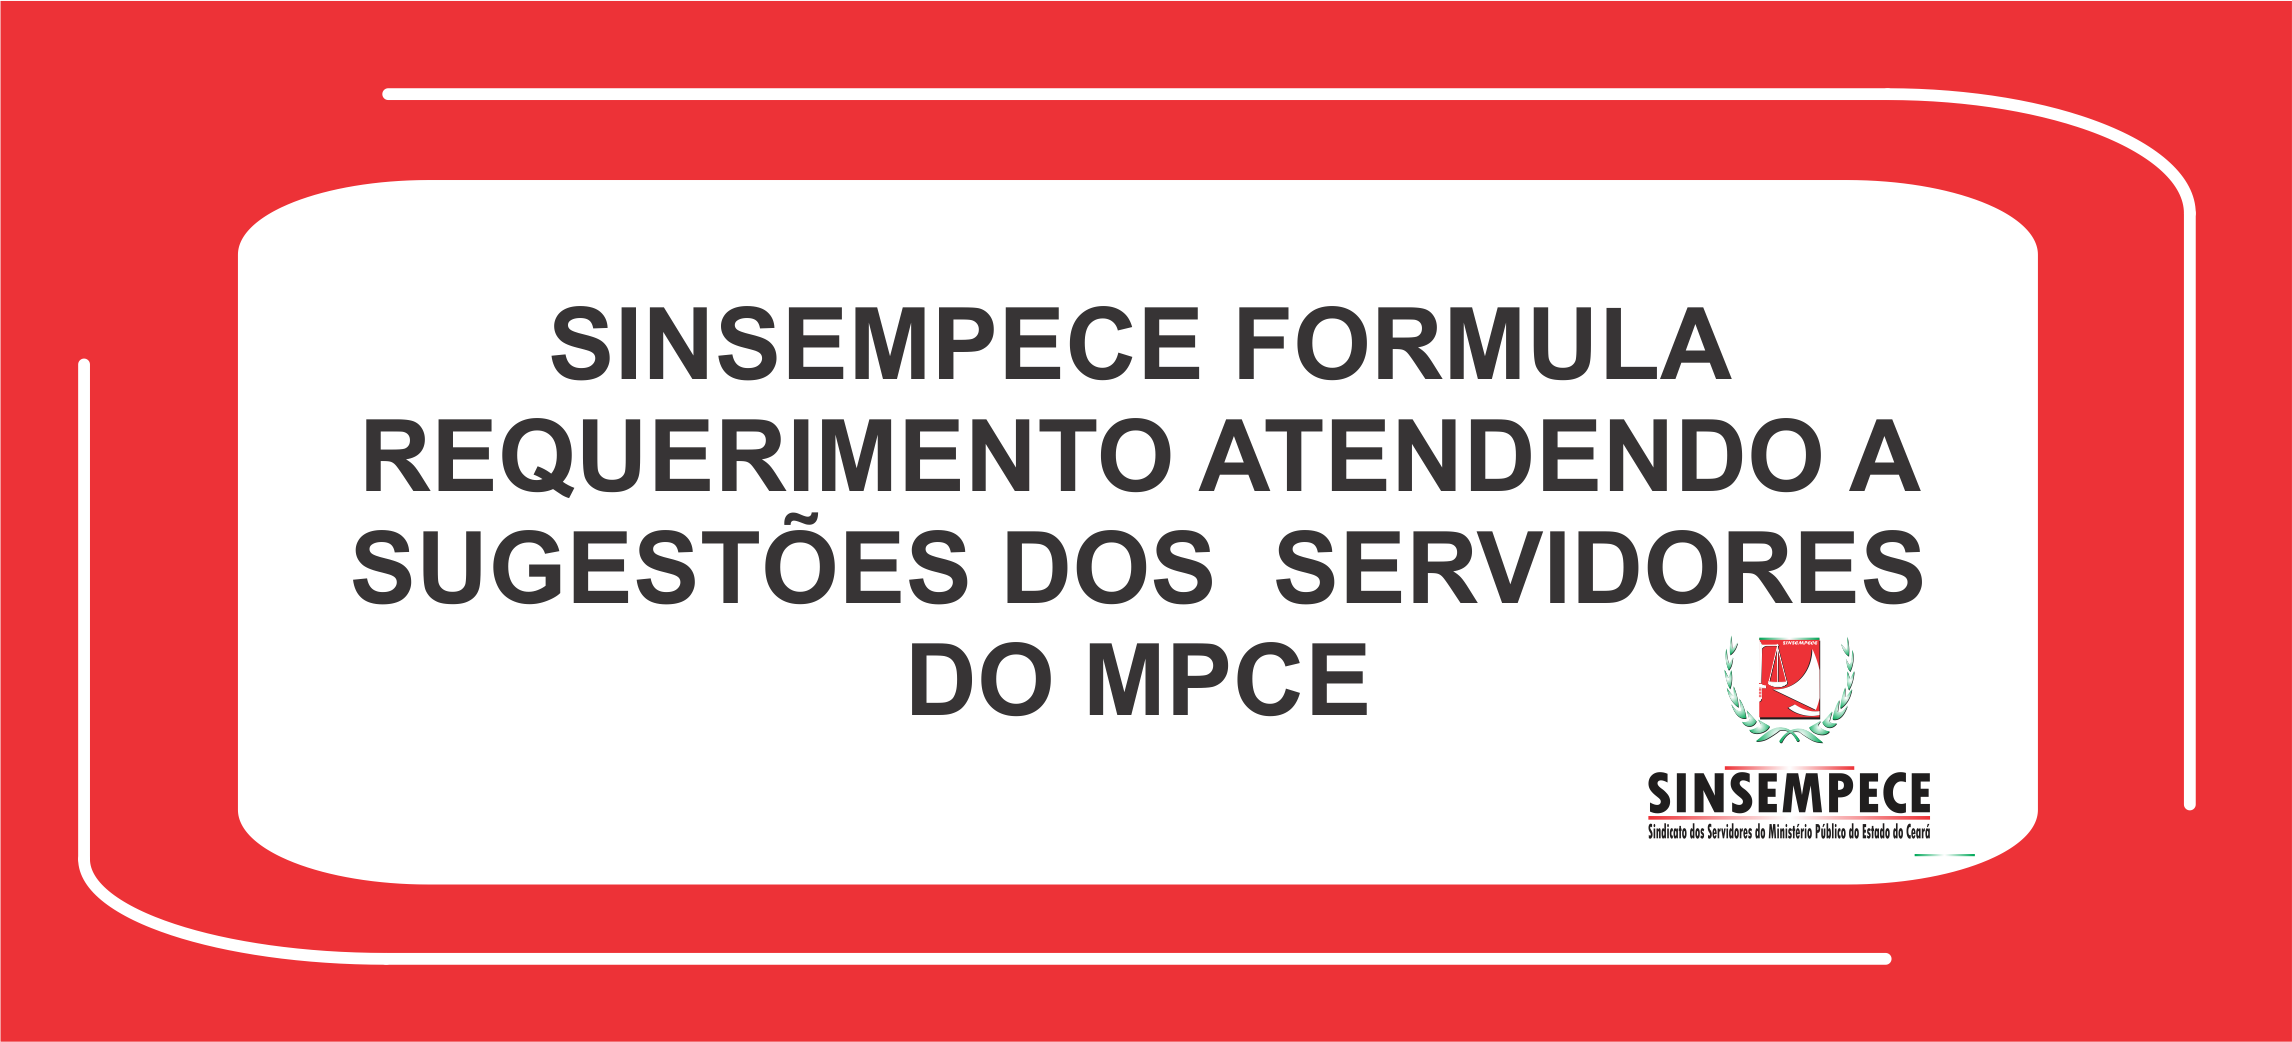 Sinsempece formula requerimento atendendo a sugestões dos servidores do MPCE